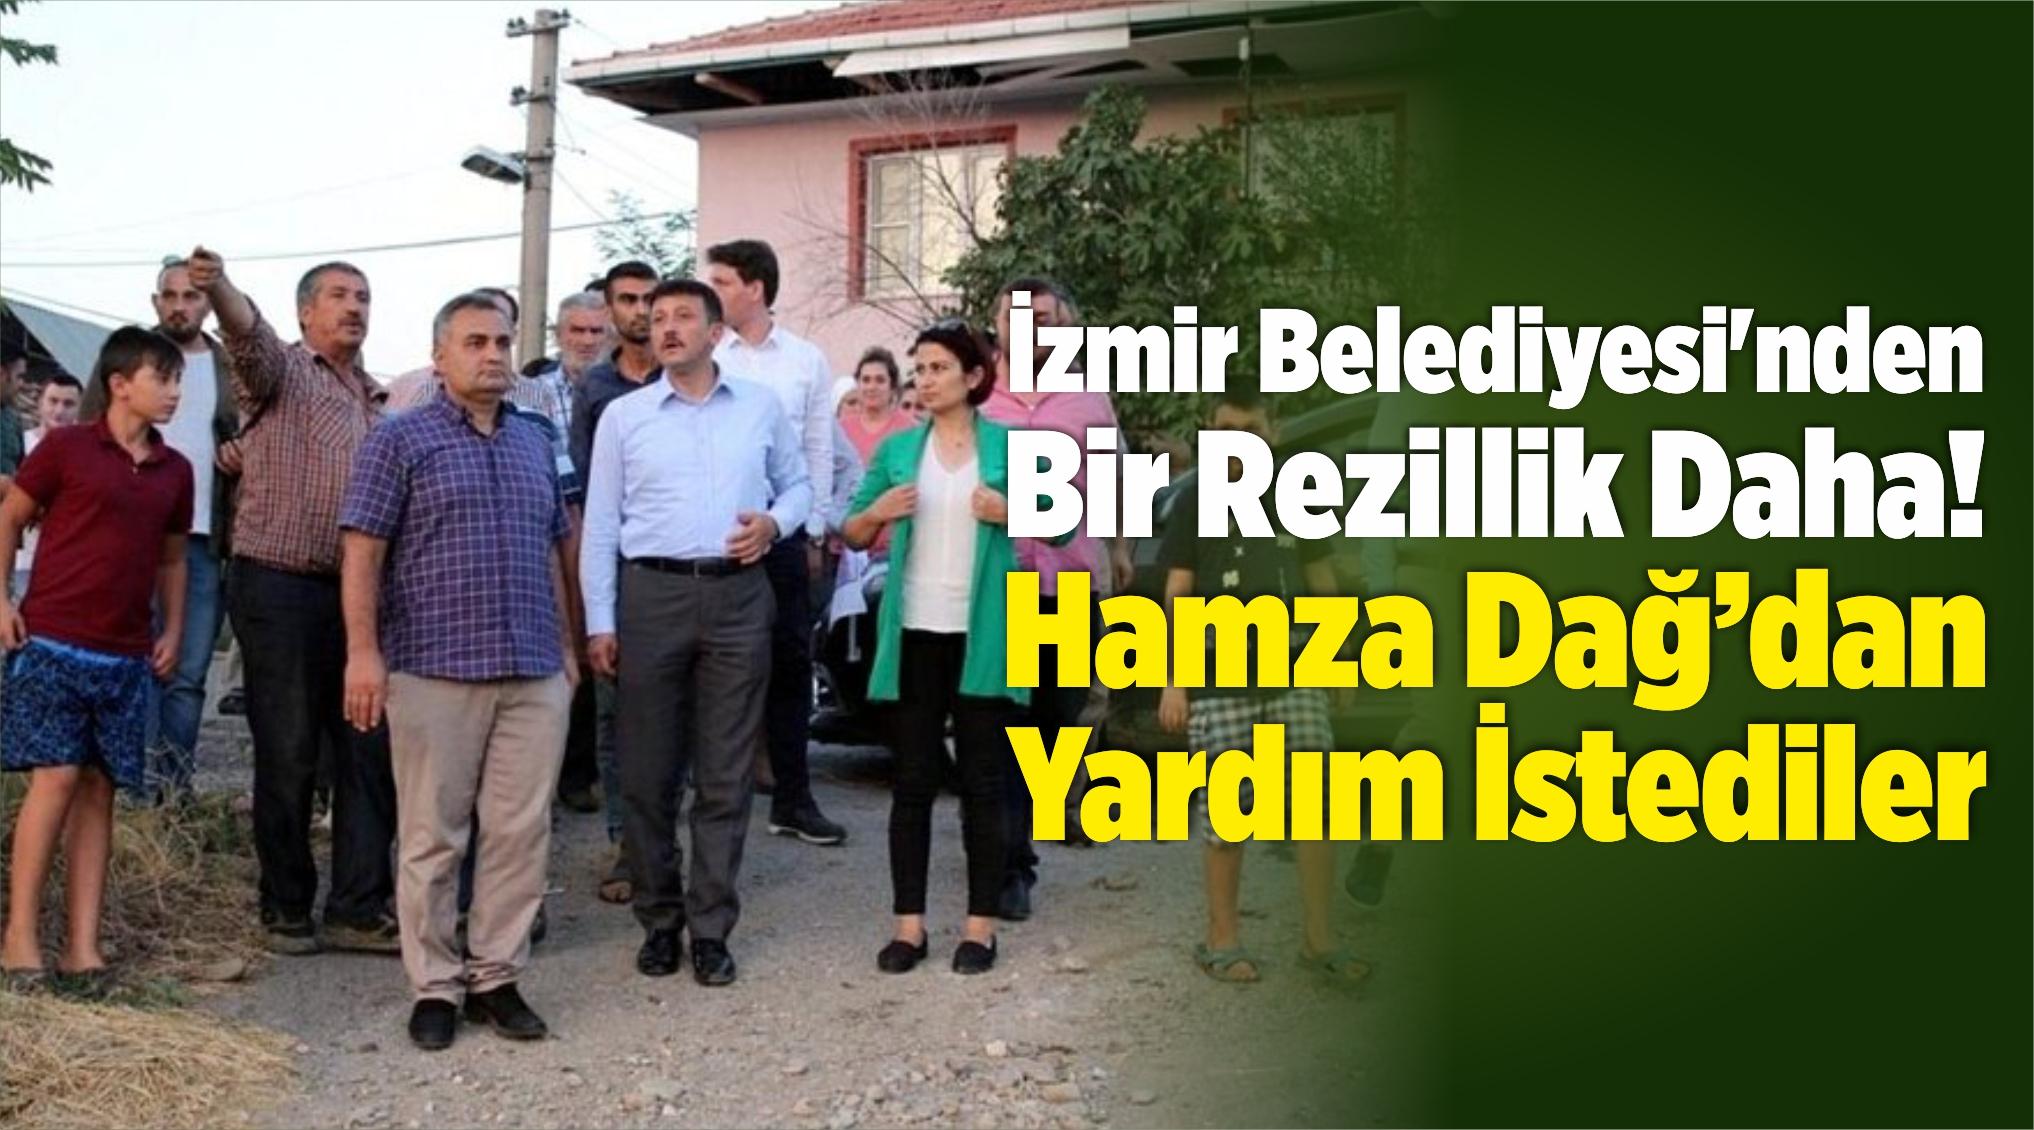 İzmir Belediyesi'nden Bir Lağım Rezilliği Daha!